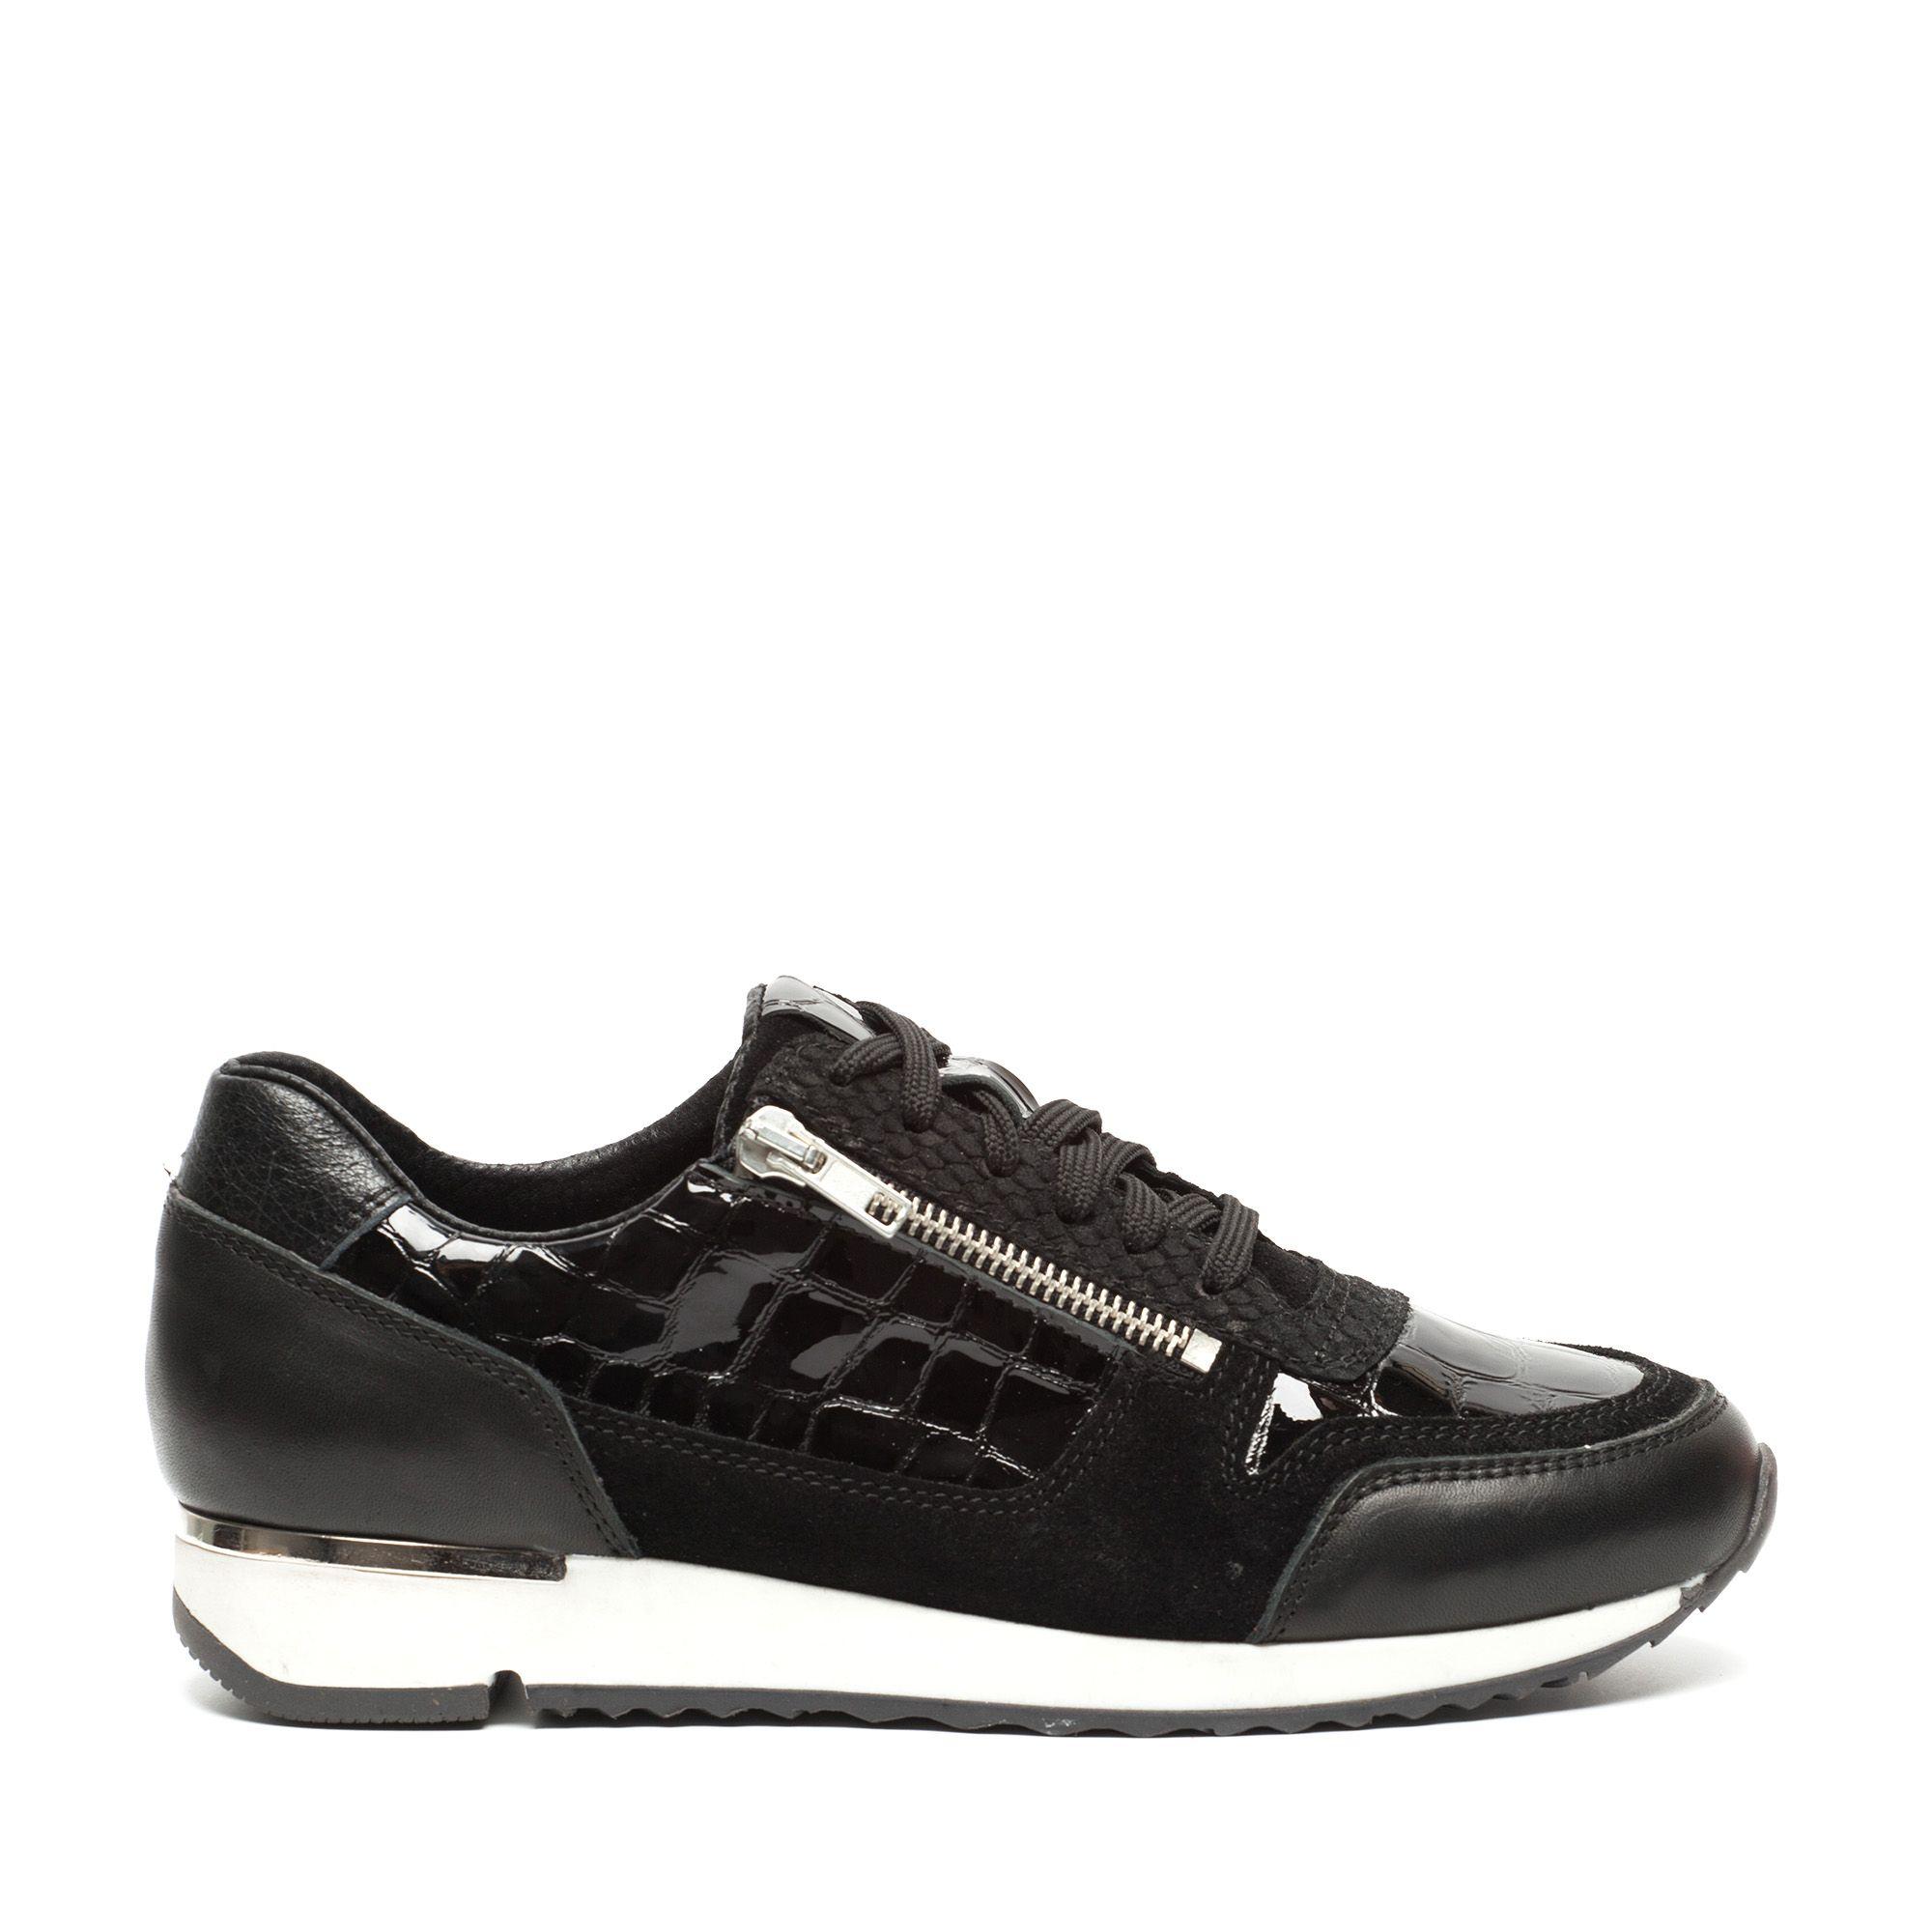 sportschoenen dames zwart